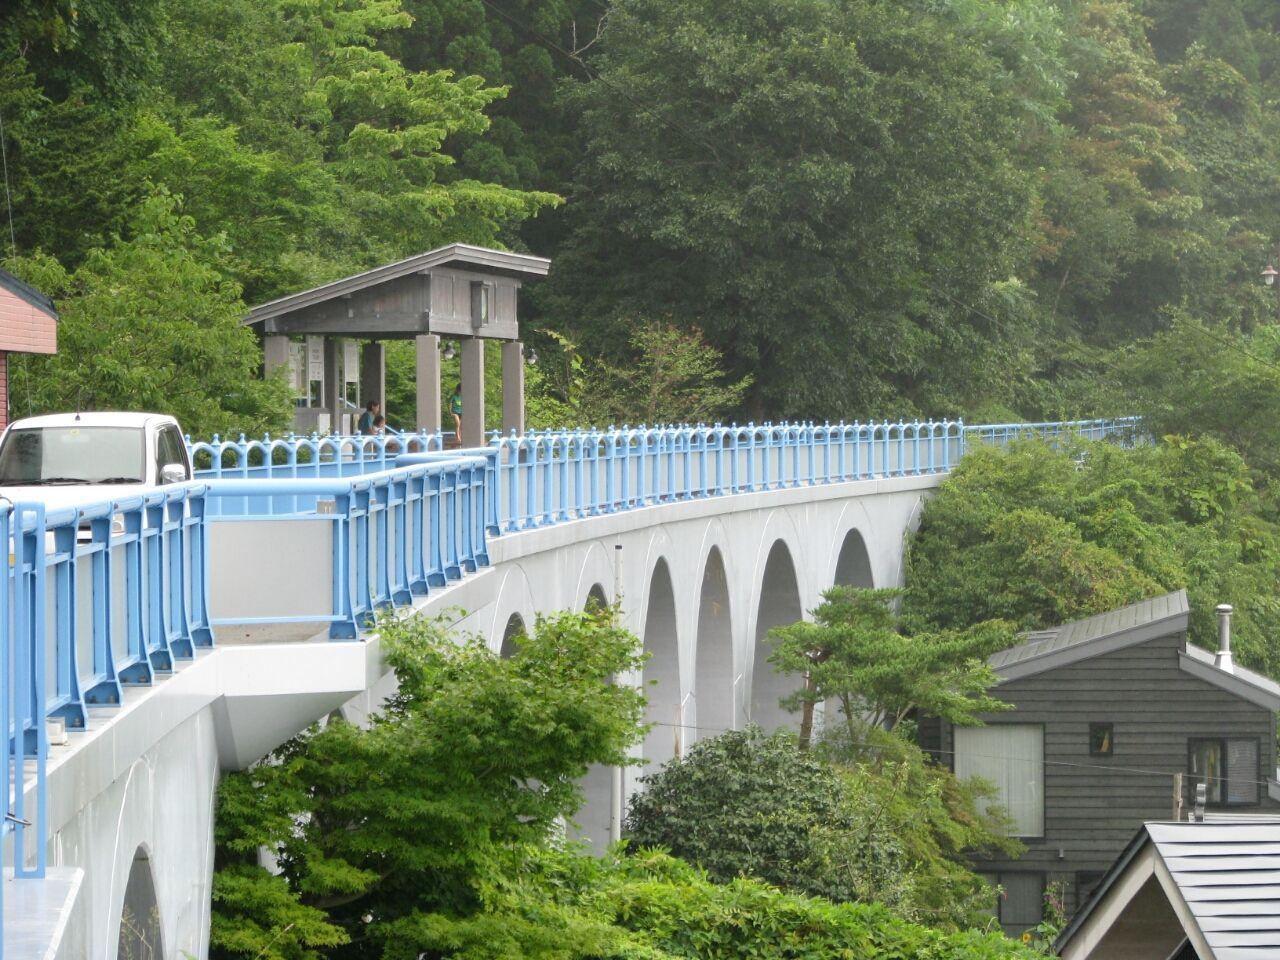 本州最果ての温泉街『下風呂』。隠れた名湯と幻の鉄道・大間線のアーチ橋